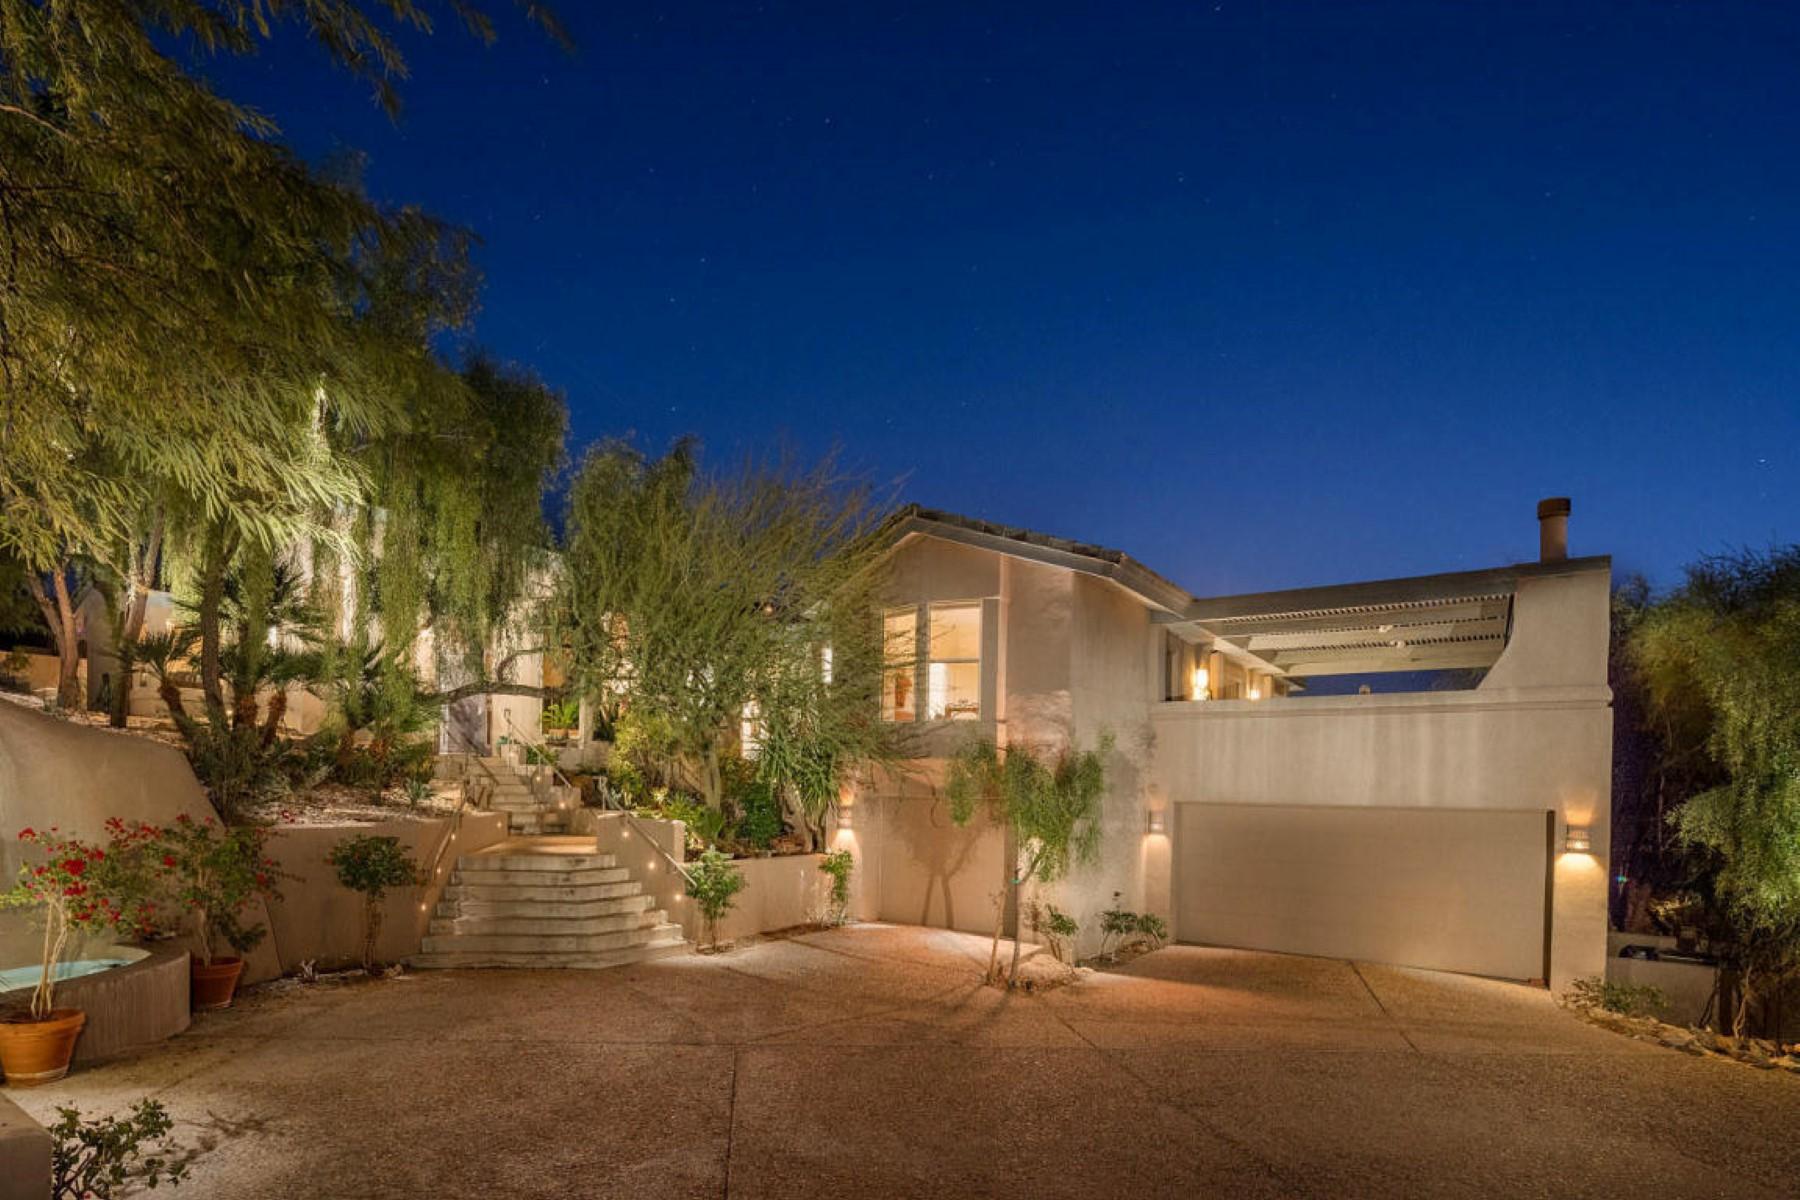 Частный односемейный дом для того Продажа на A stunning Paradise Valley gem 7007 N 59th Pl Paradise Valley, Аризона, 85253 Соединенные Штаты